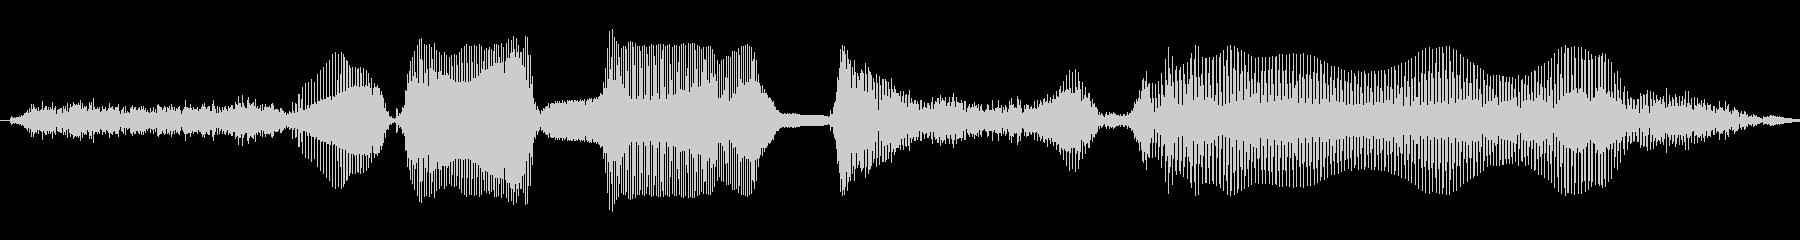 シラナイデスヨの未再生の波形